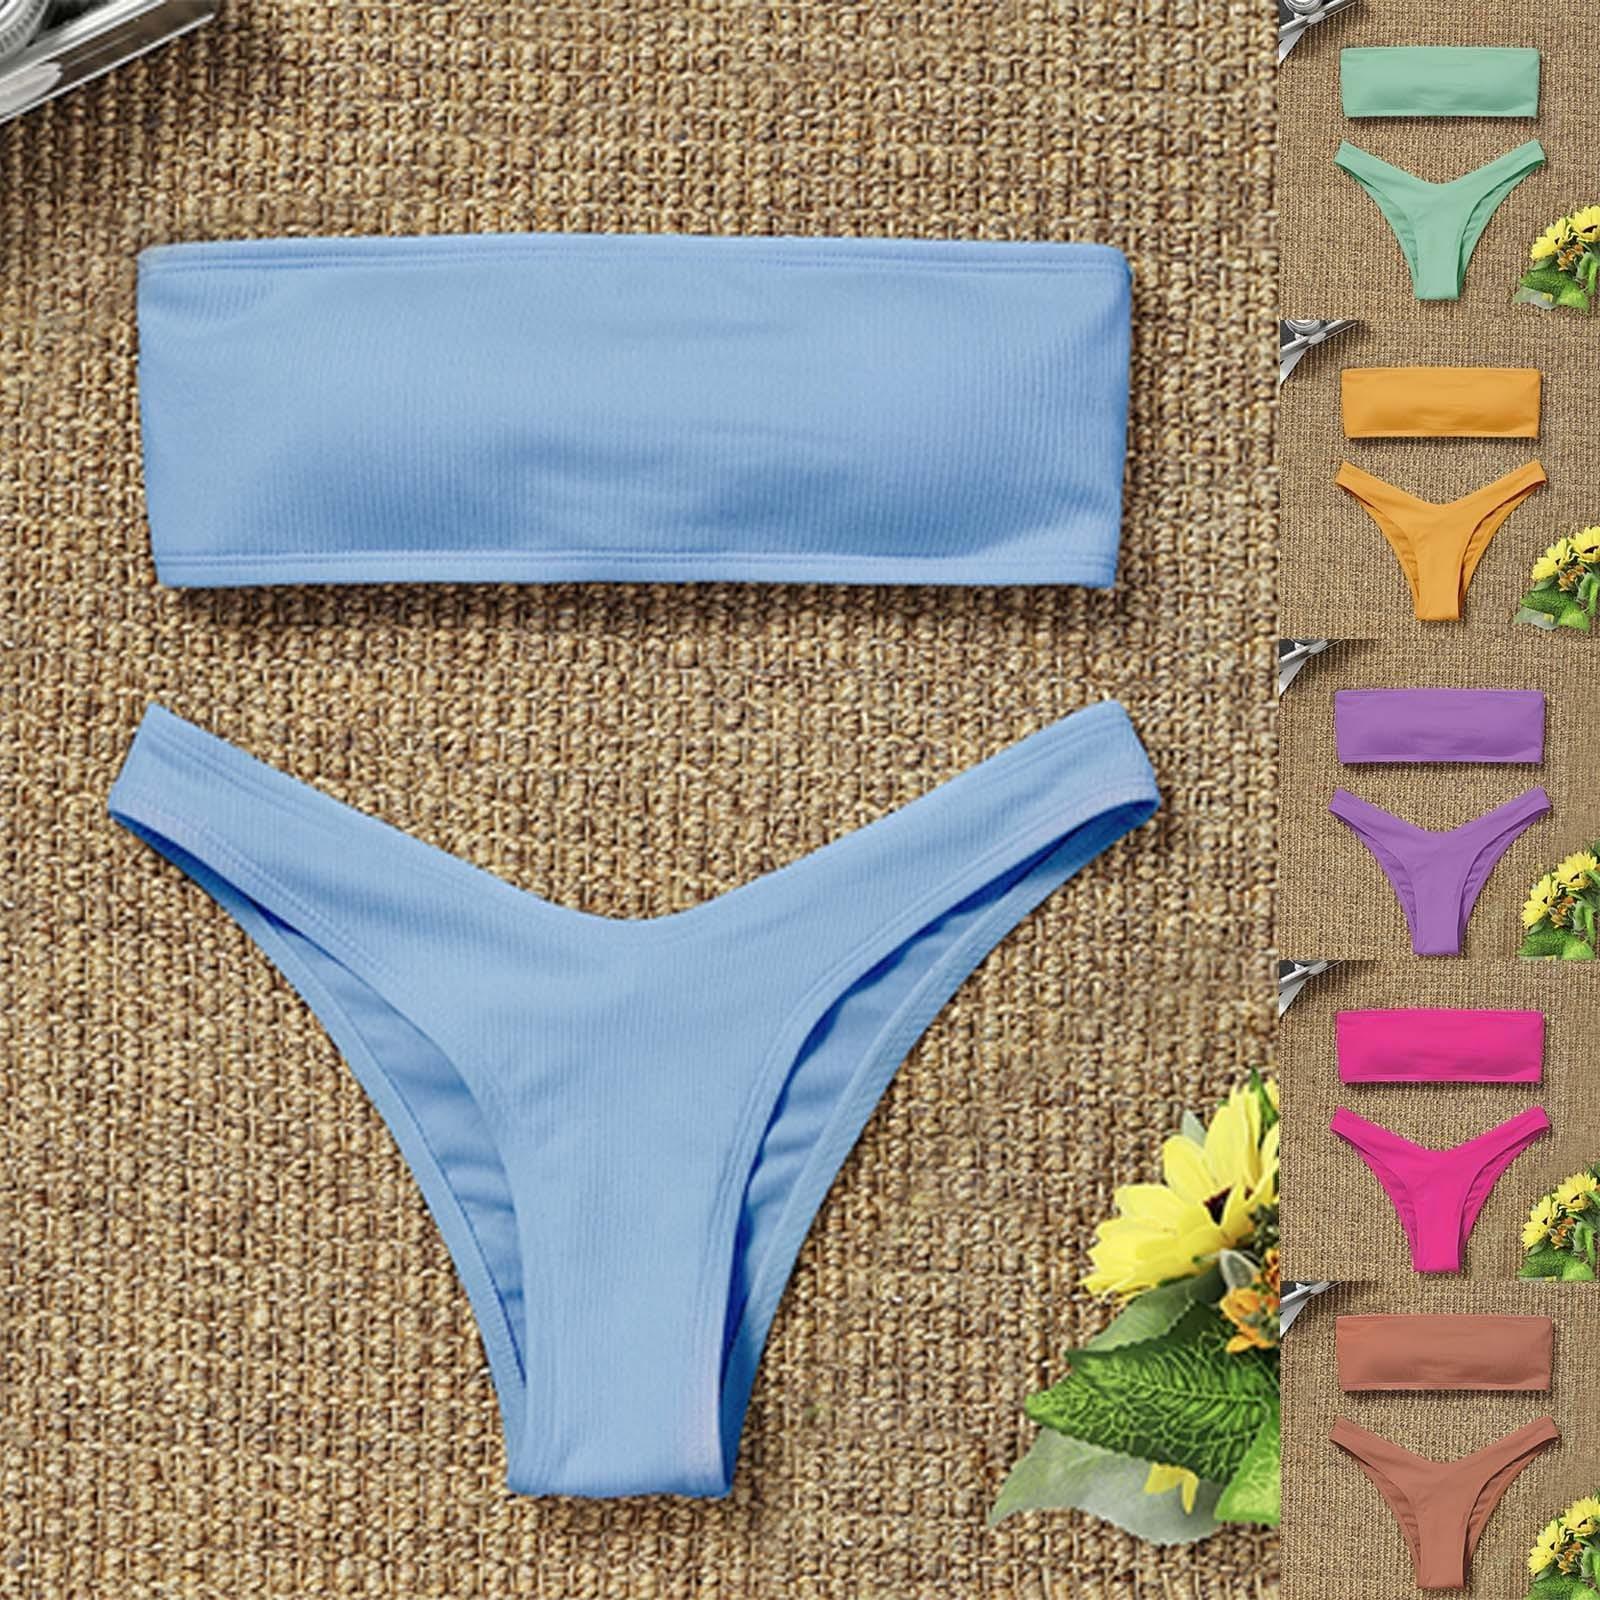 Livraison rapide femmes Maillot De Bain femmes 2021 Bikini taille haute ventre contrôle solide séparé Maillot De Bain Sexy Maillot De Bain Biquini